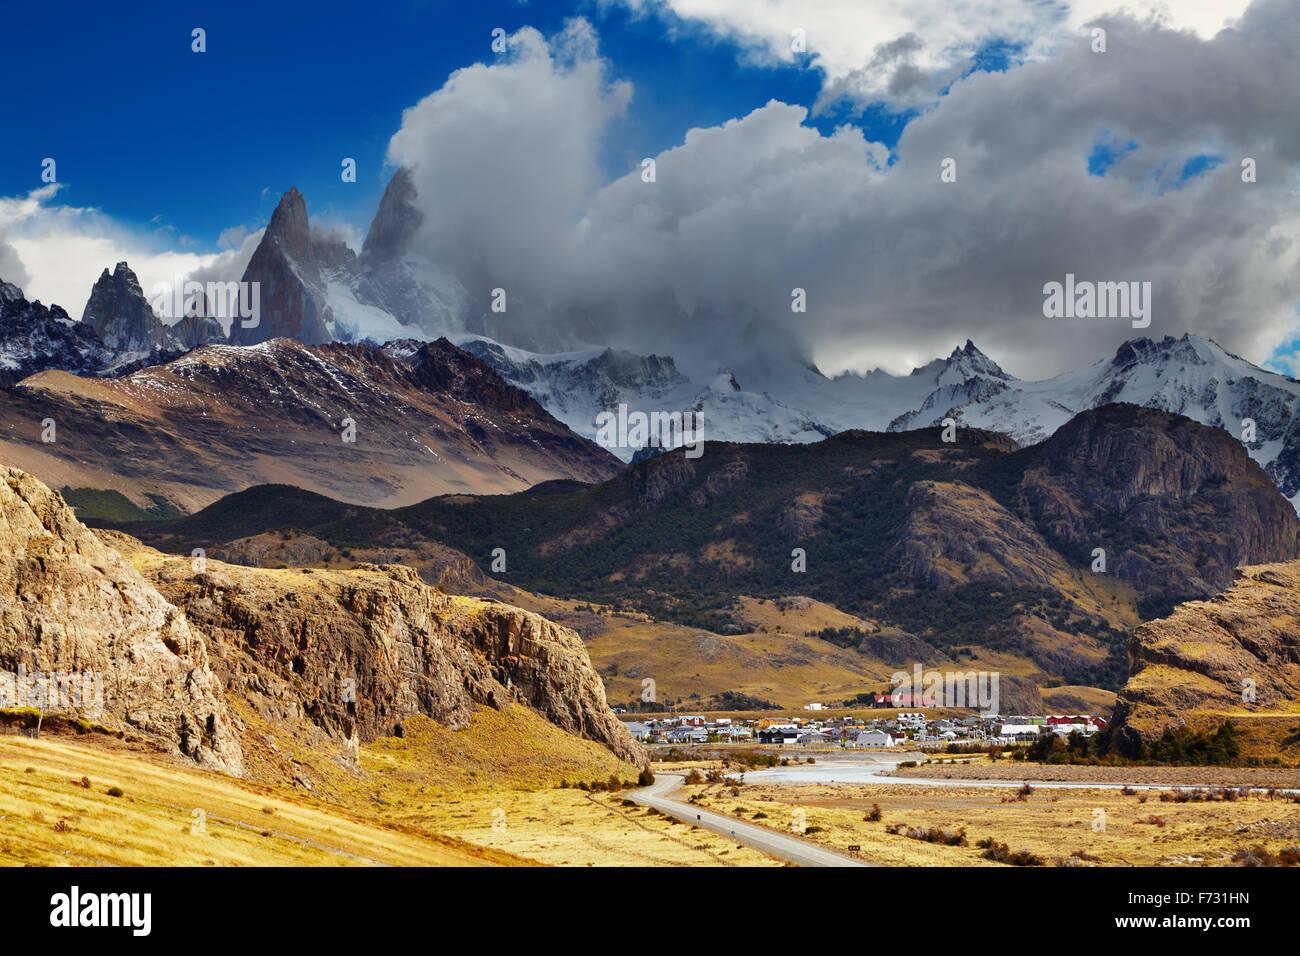 El Chaltén es una pequeña ciudad cerca del monte Fitz Roy; la capital del trekking de Argentina Imagen De Stock